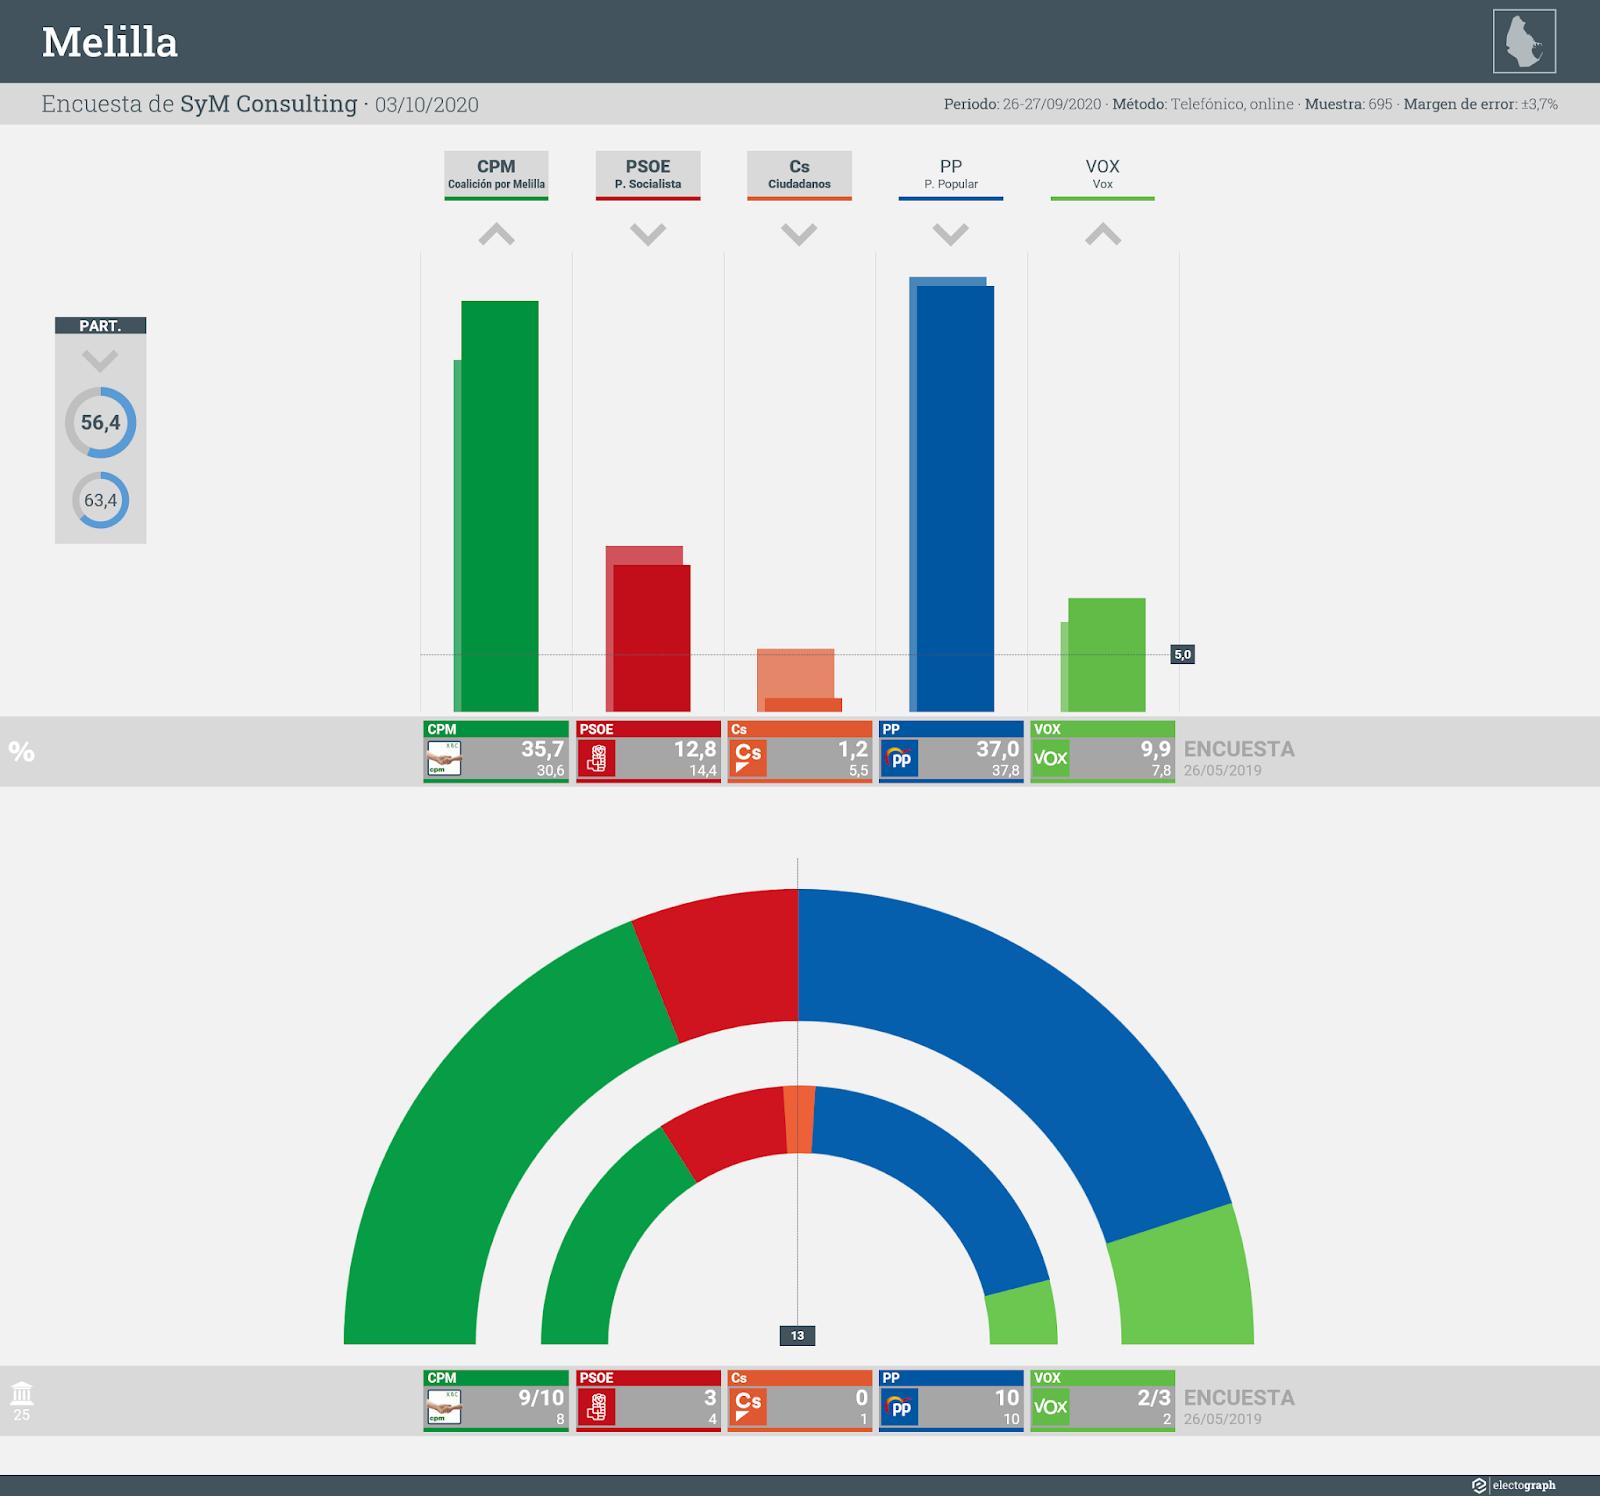 Gráfico de la encuesta para elecciones autonómicas en Melilla realizada por SyM Consulting, 3 de octubre de 2020